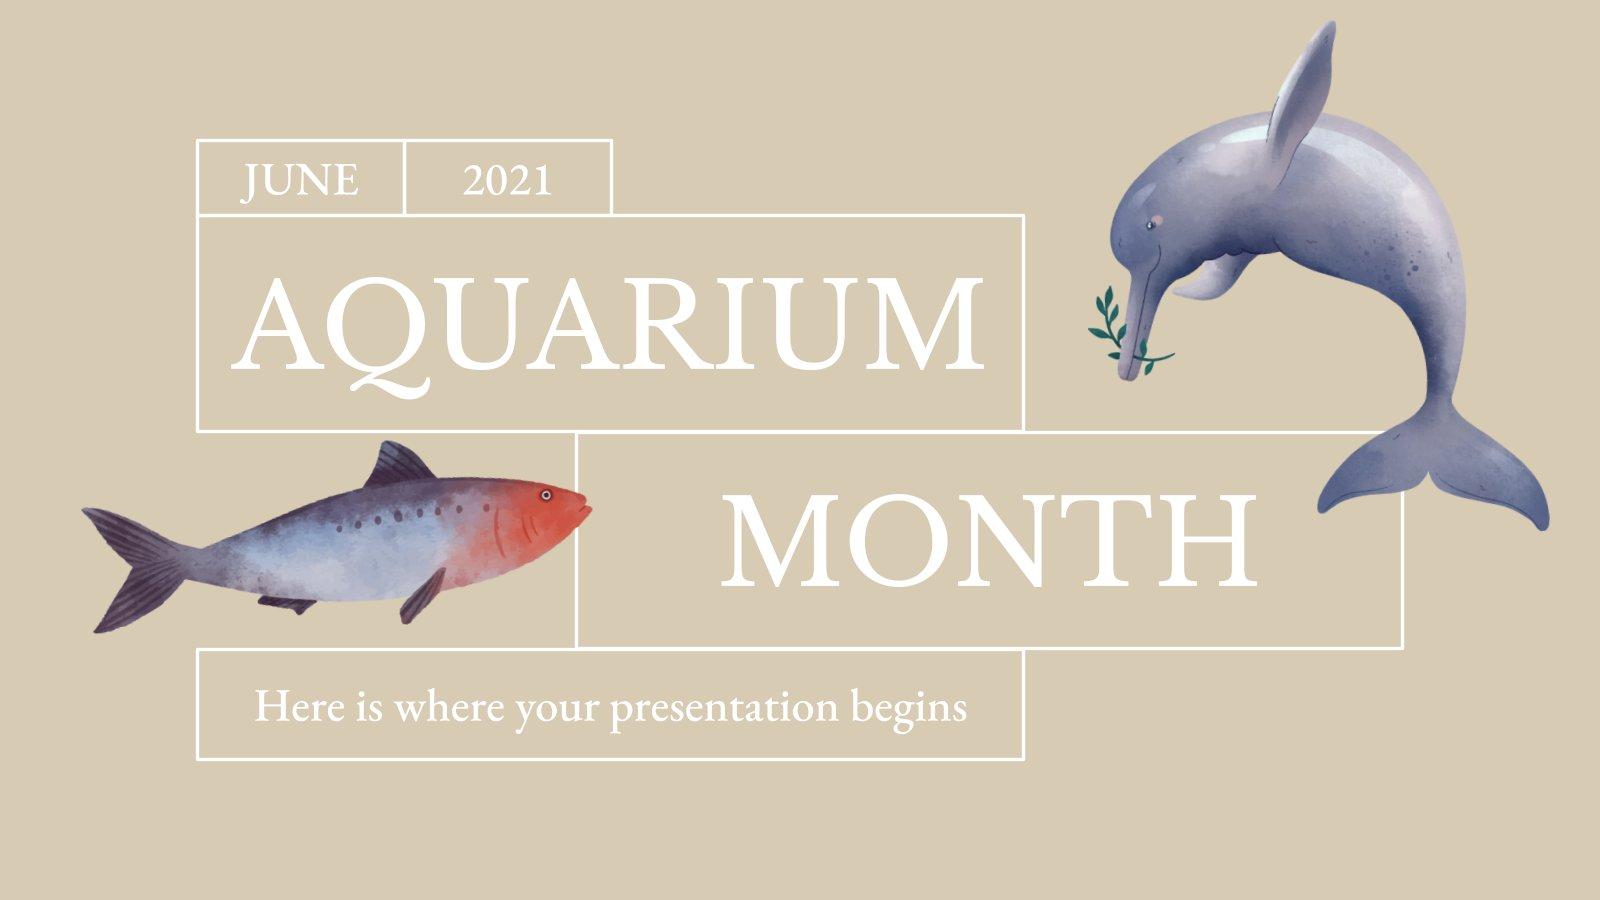 Aquarium Month presentation template